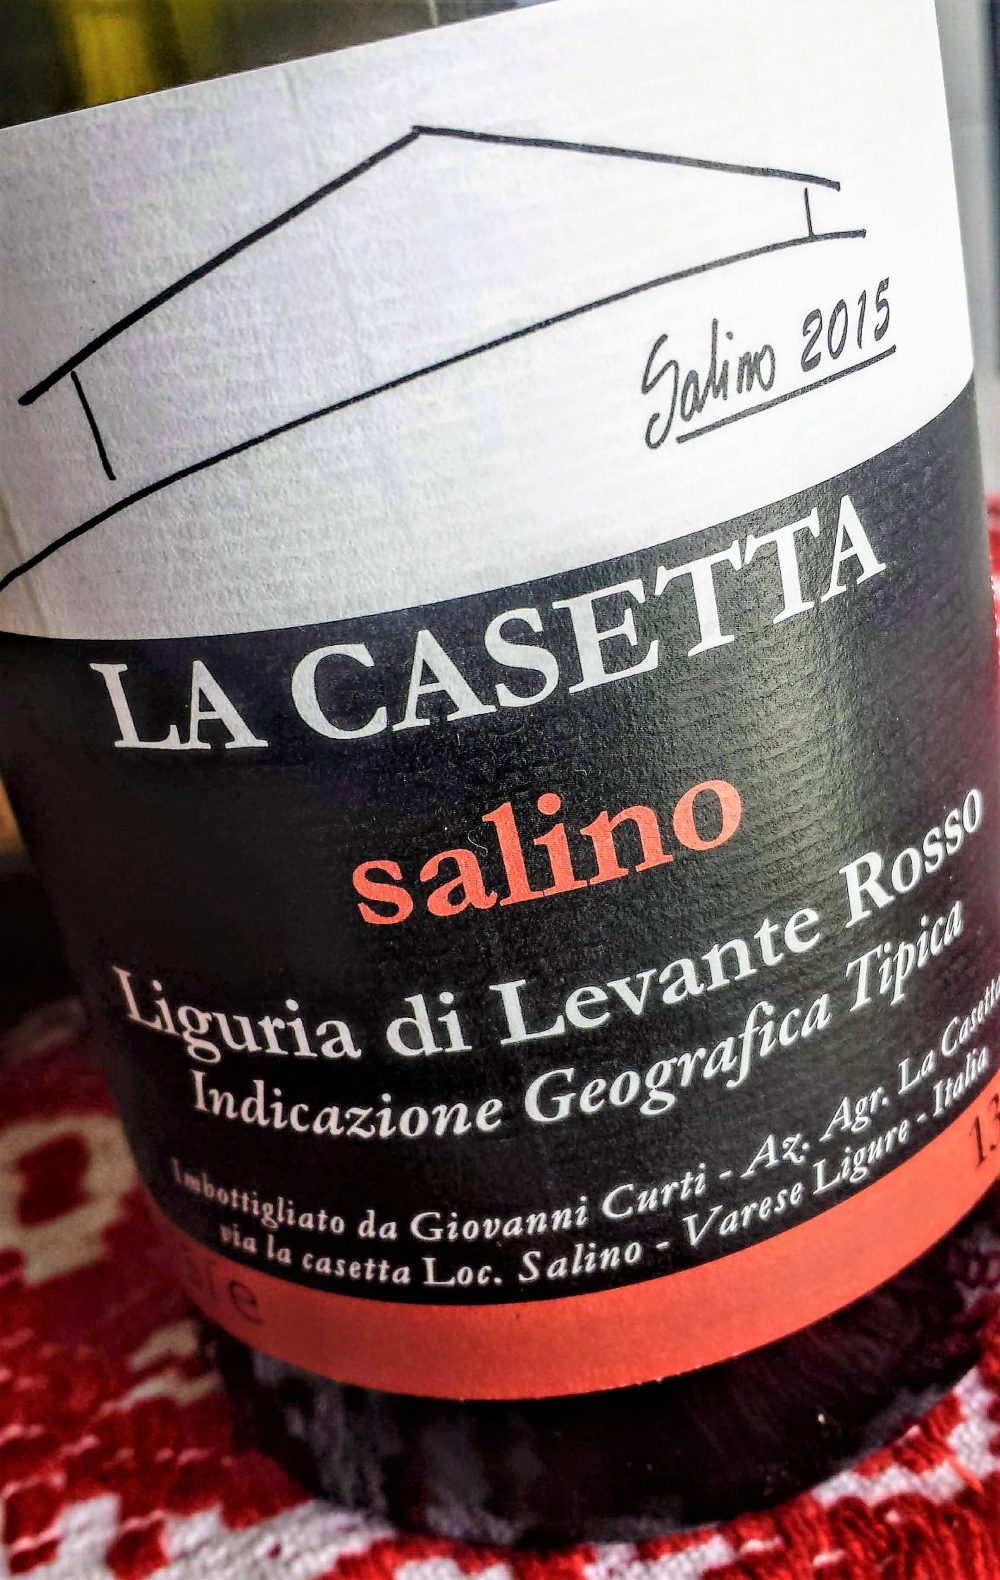 LdL Rosso Salino 2015, La Casetta